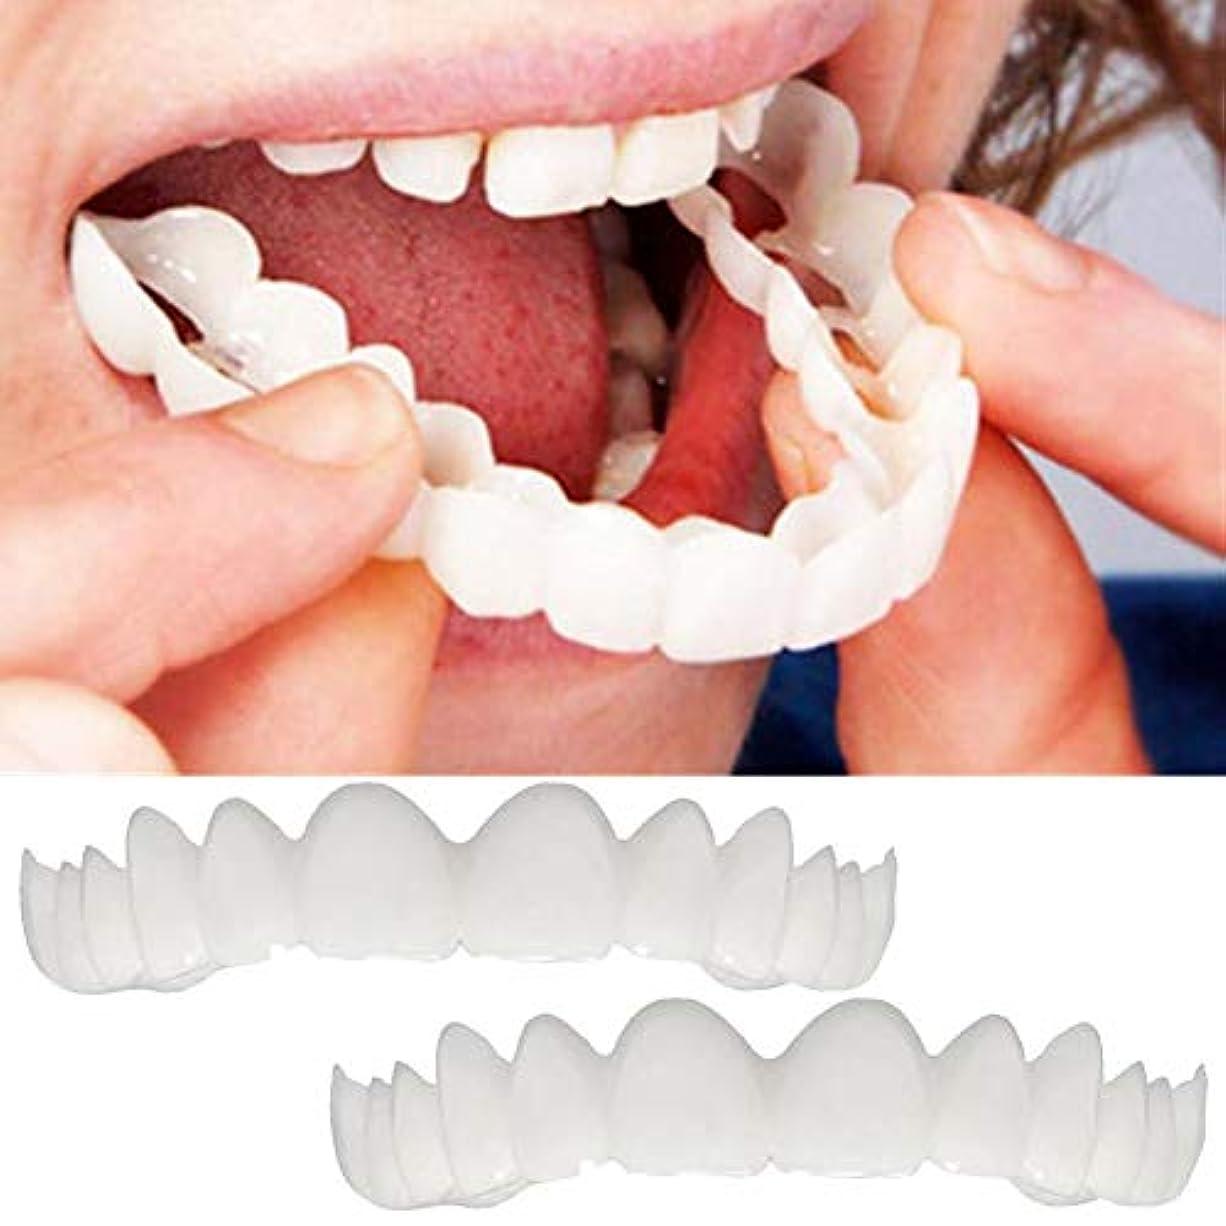 テーブル休暇学習ホワイトニングスナップオンスマイルパーフェクトスマイルフィット最も快適な義歯ケア入れ歯デンタルティースベニヤ上の歯と下の歯,1Pcs